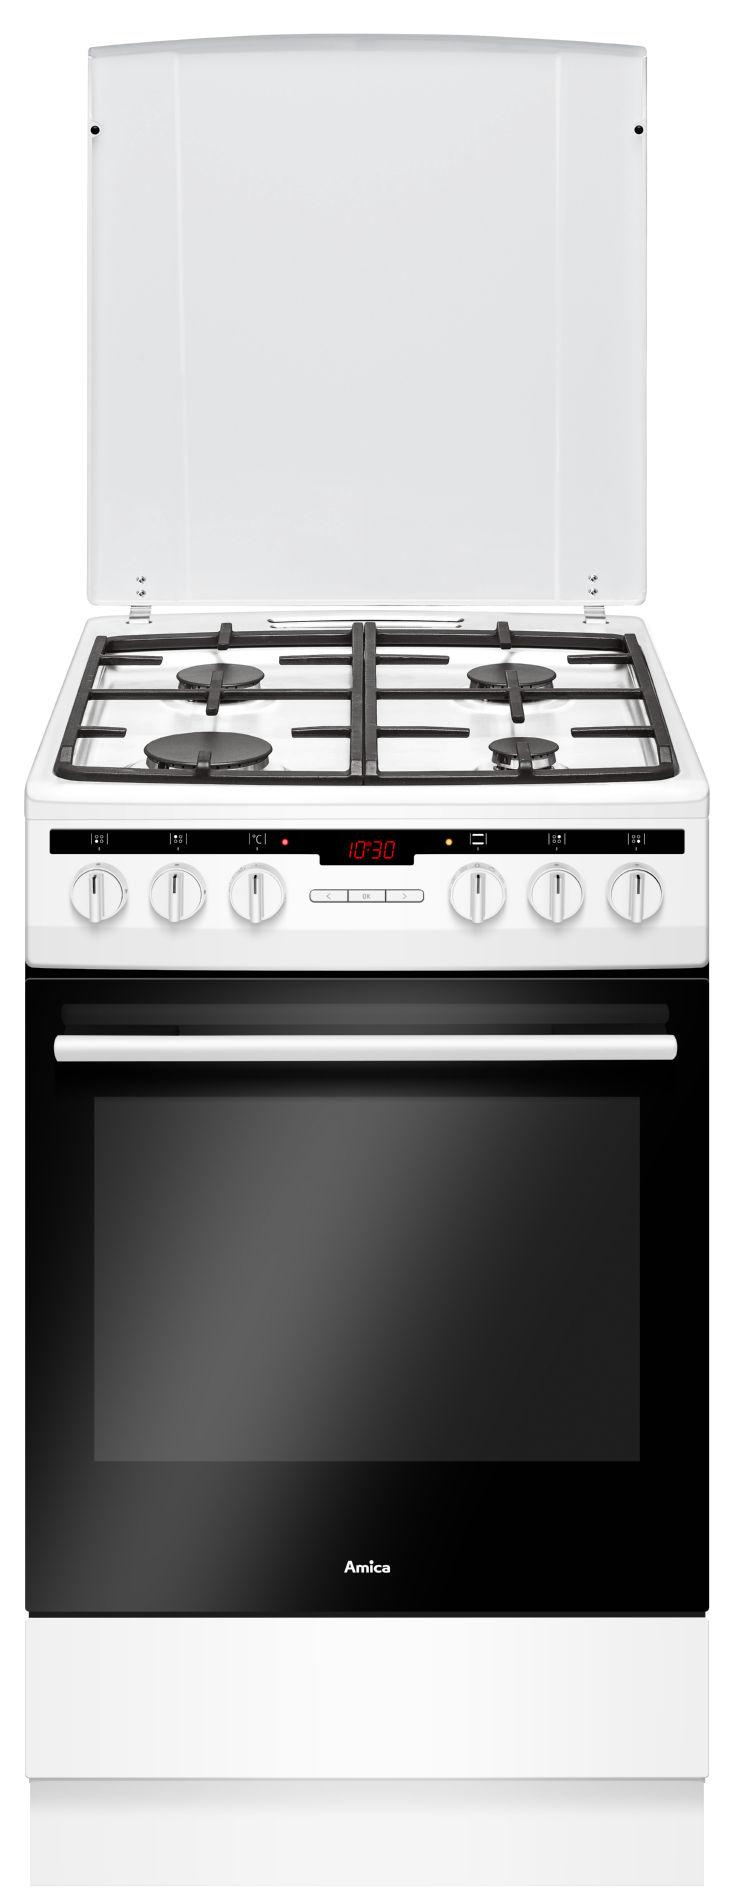 Kuchnia wolnostojąca gazowo elektryczna 500 57GE3 33HZpTaDAQ(W)  Amica -> Kuchnia Amica Gazowo Elektryczna Instrukcja Obslugi